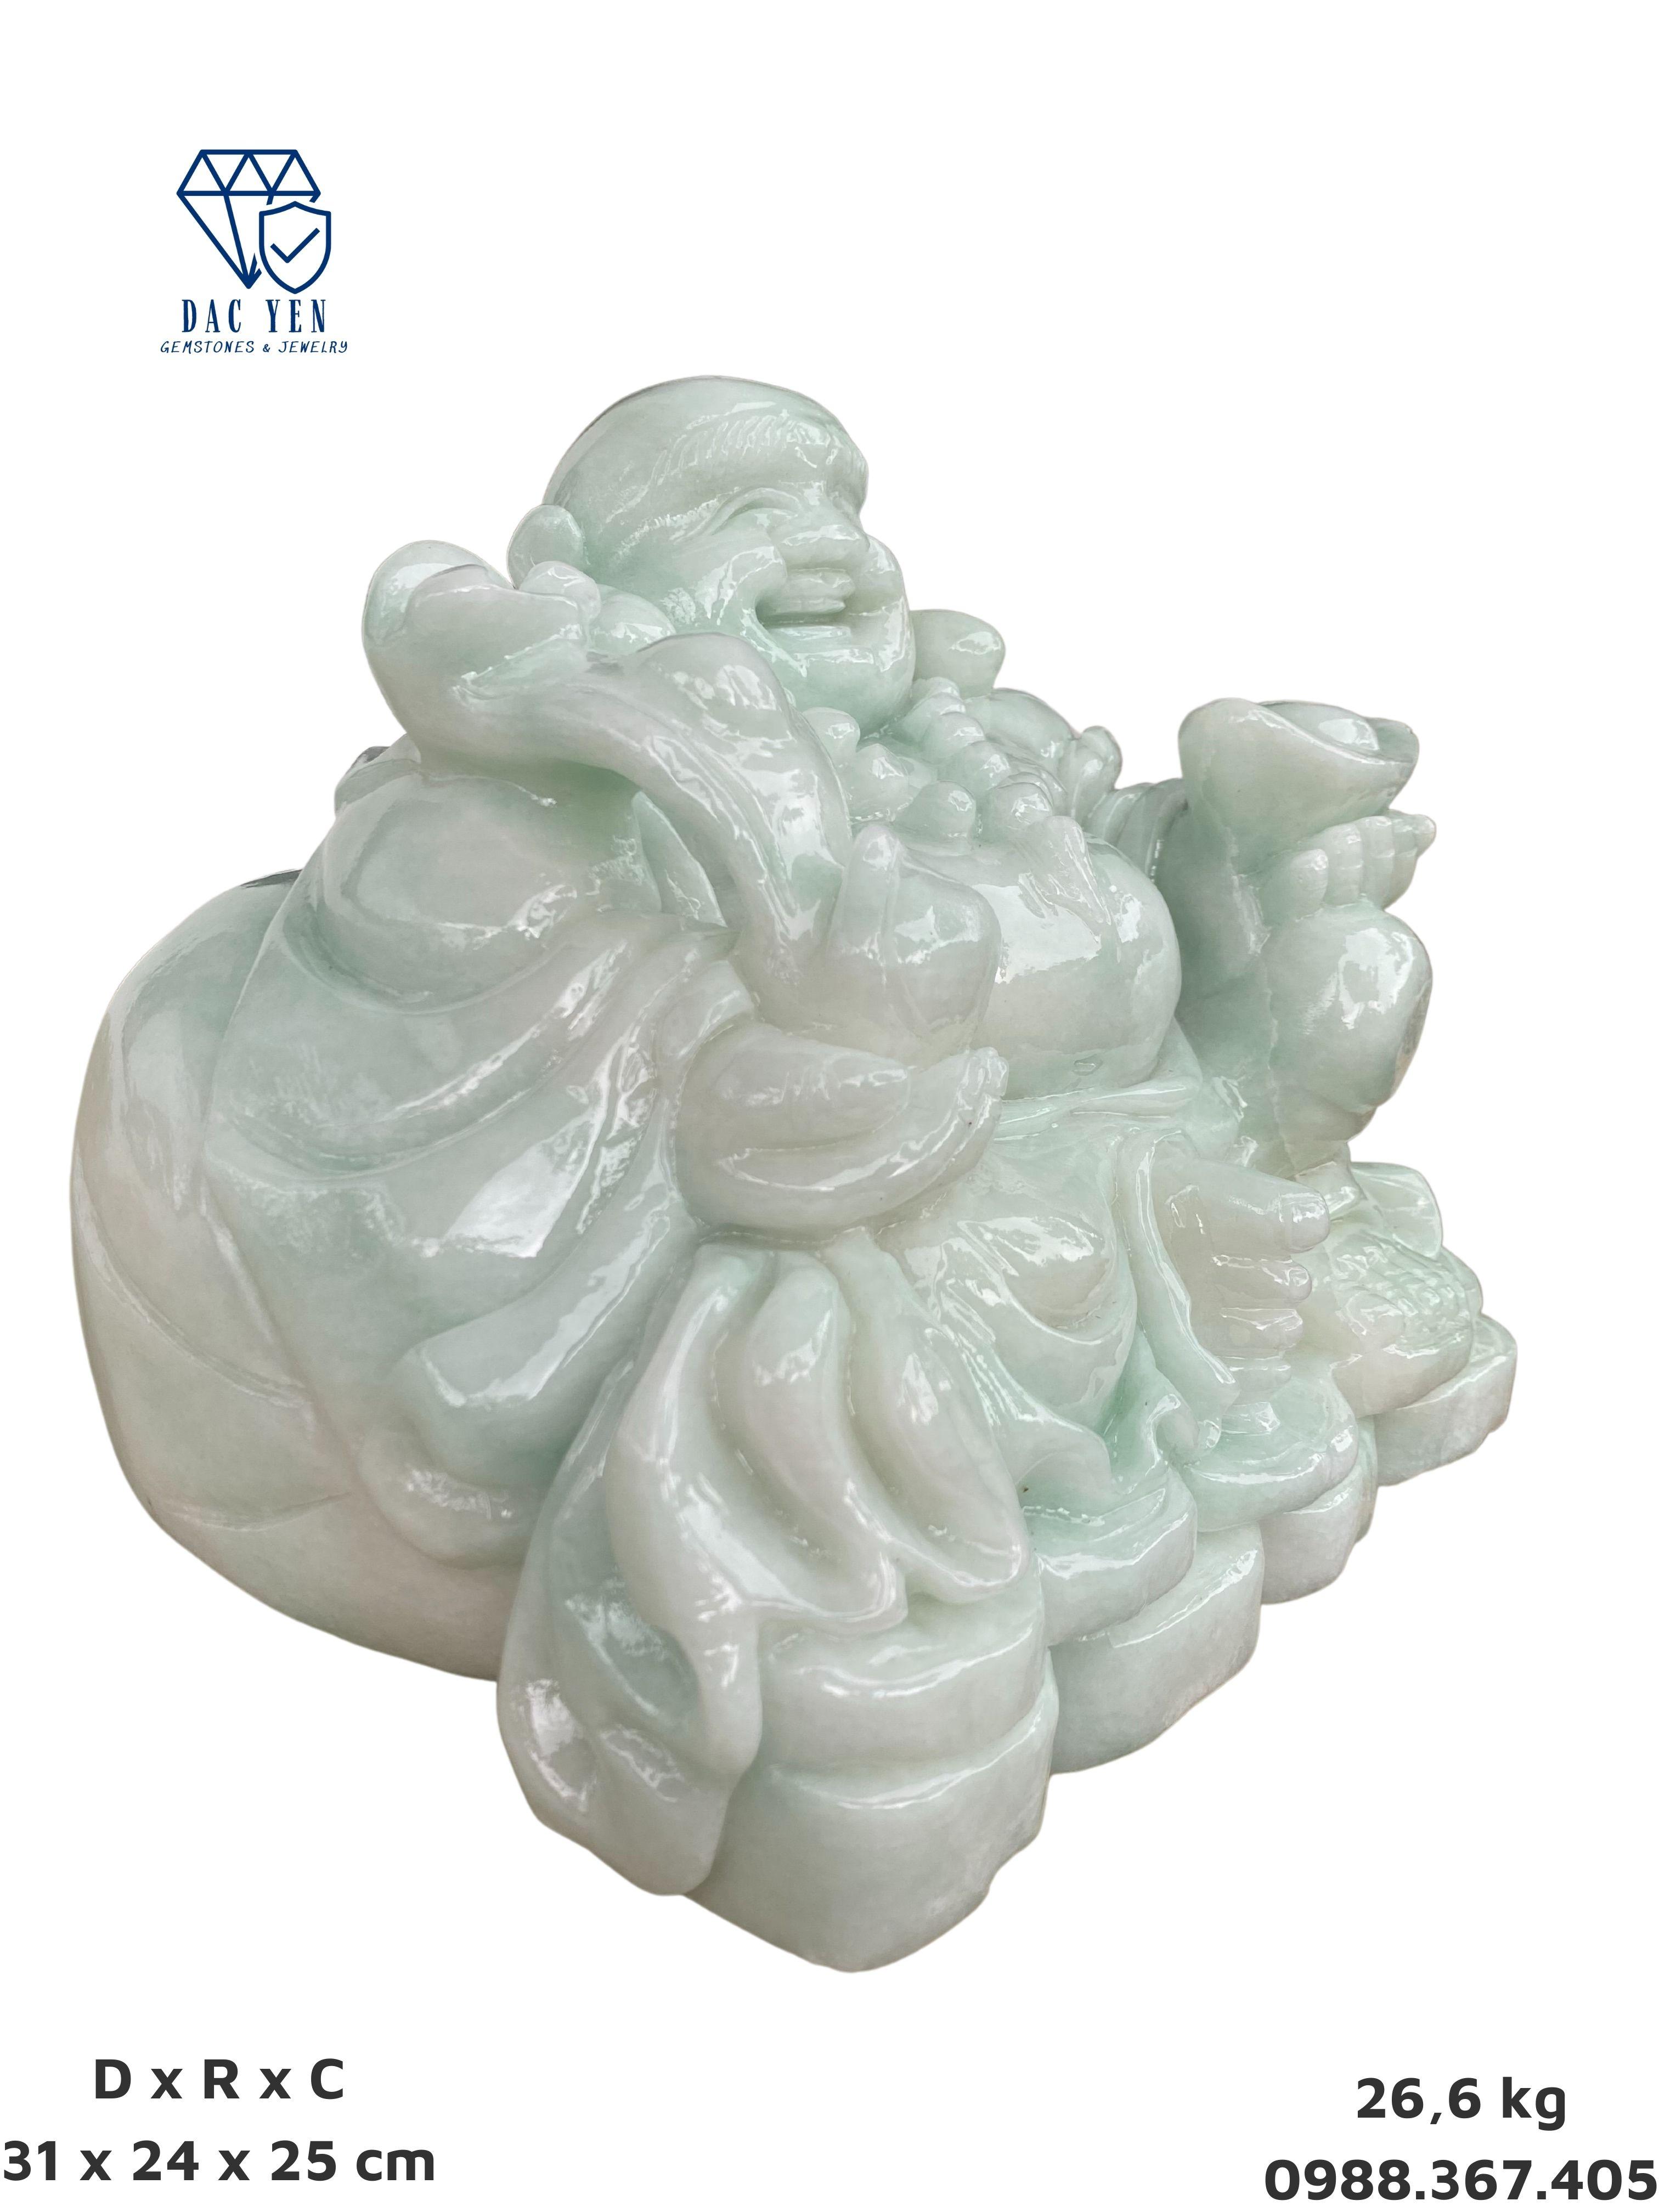 Tượng Phật Di Lặc, phật cười, tượng di lặc đá trắng tự nhiên, di lặc